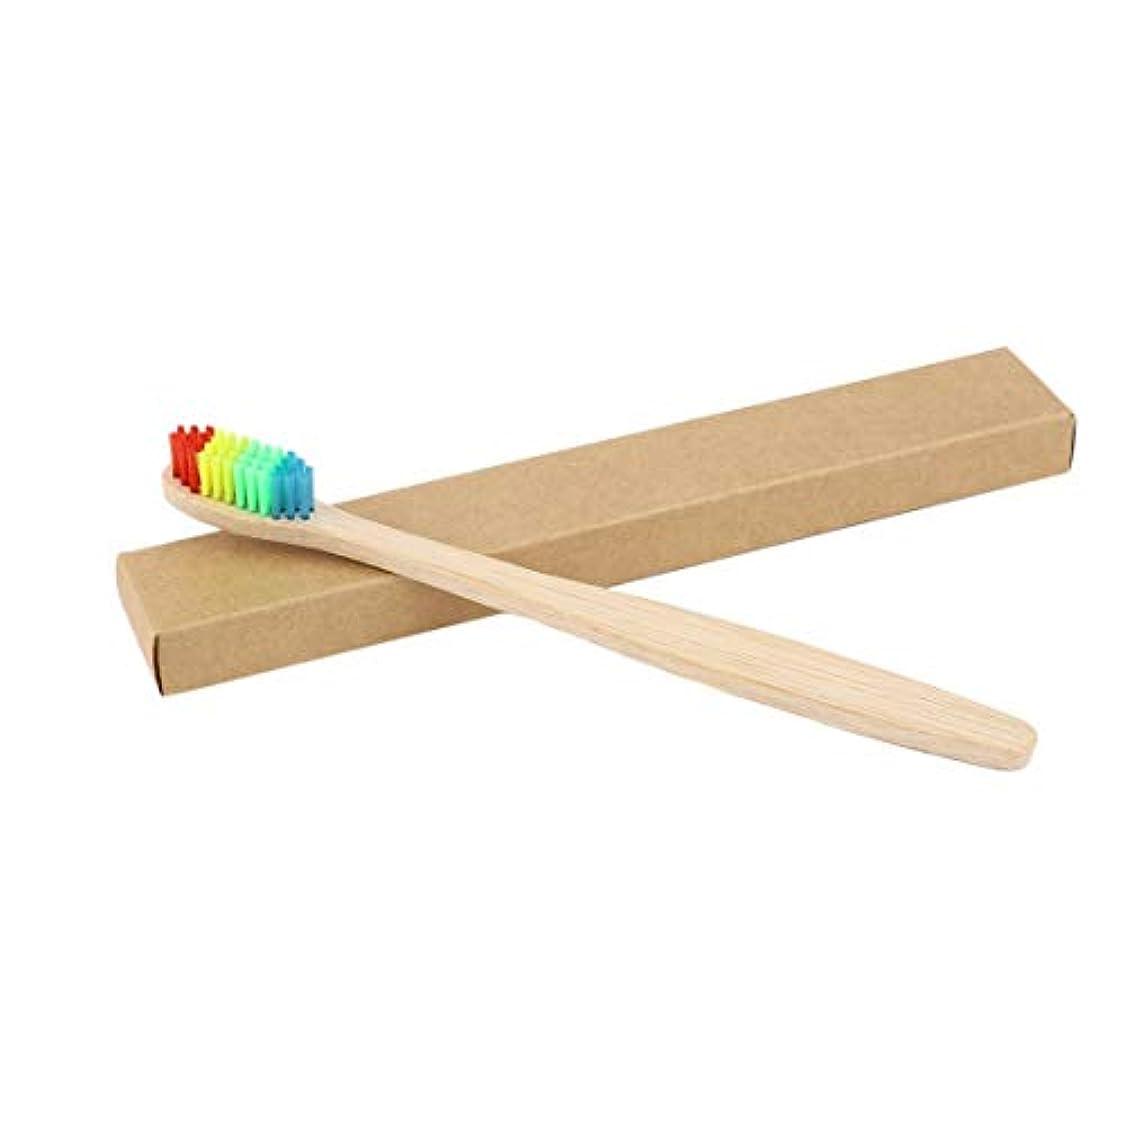 読みやすさ帝国主義ランデブーカラフルな髪+竹のハンドル歯ブラシ環境木製の虹竹の歯ブラシオーラルケアソフト剛毛ユニセックス - ウッドカラー+カラフル